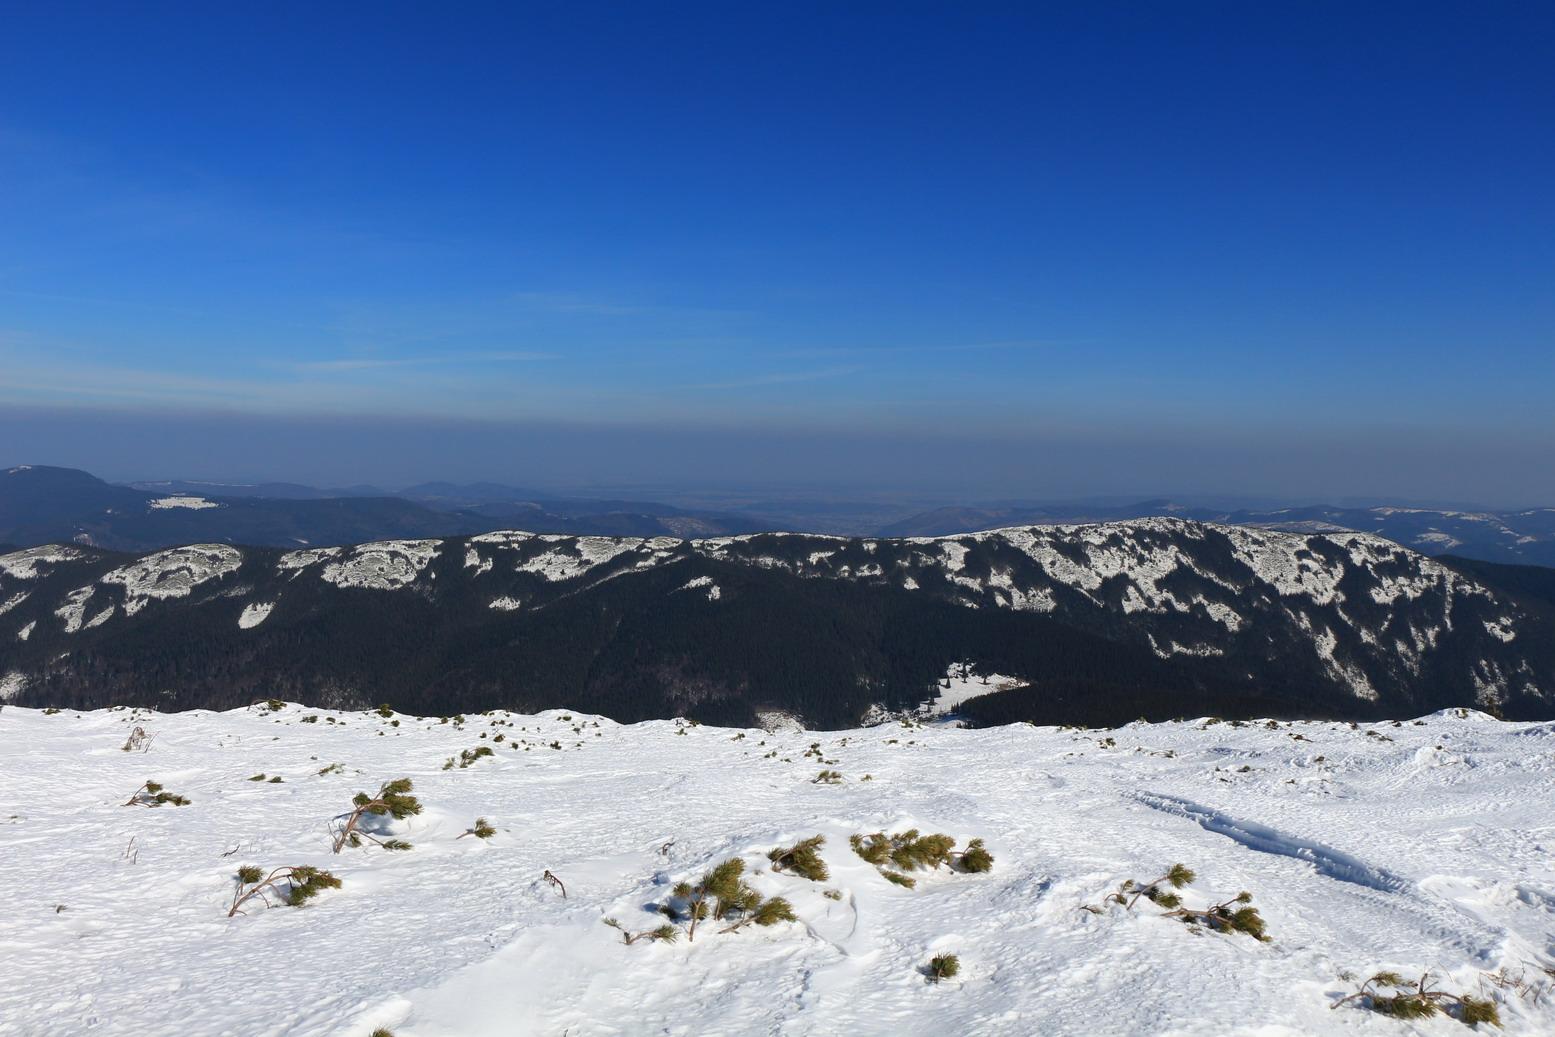 Хребет Явірник. Південні схили вже позбуваються снігу